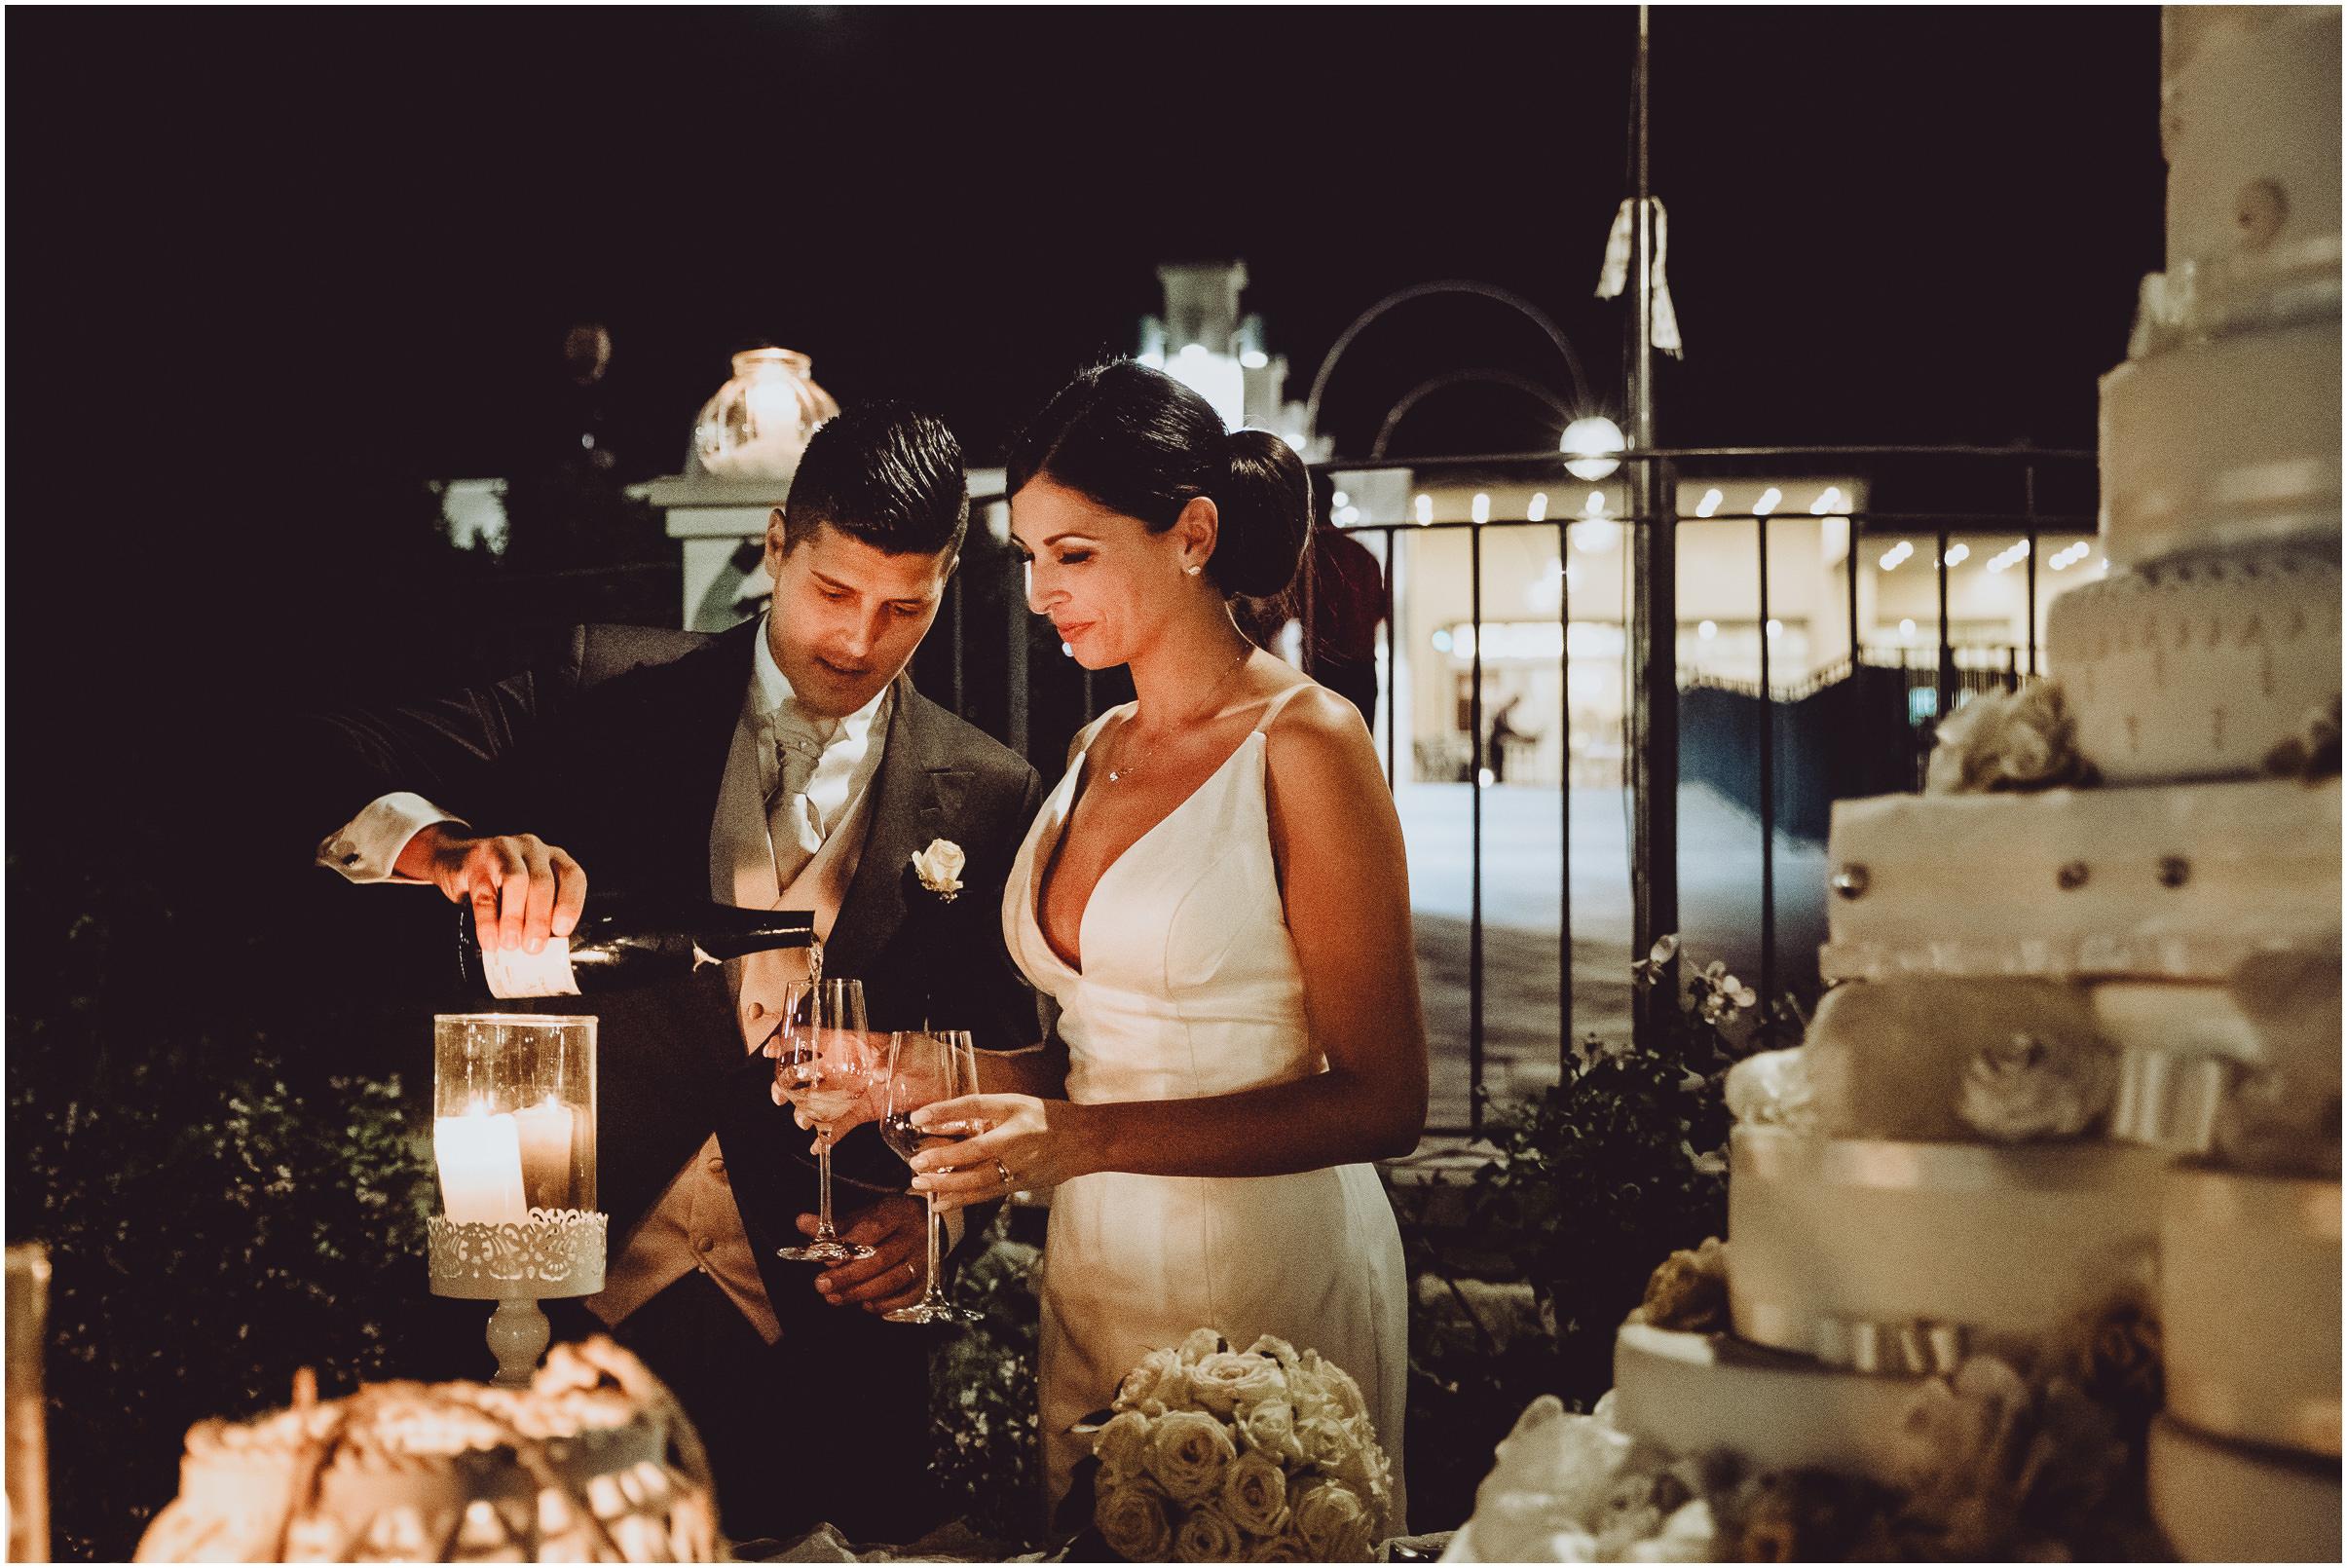 WEDDING-PHOTOGRAPHY-SARA-LORENZONI-FOTOGRAFIA-MATRIMONIO-AREZZO-TUSCANY-EVENTO-LE-SPOSE-DI-GIANNI-ELISA-LUCA065